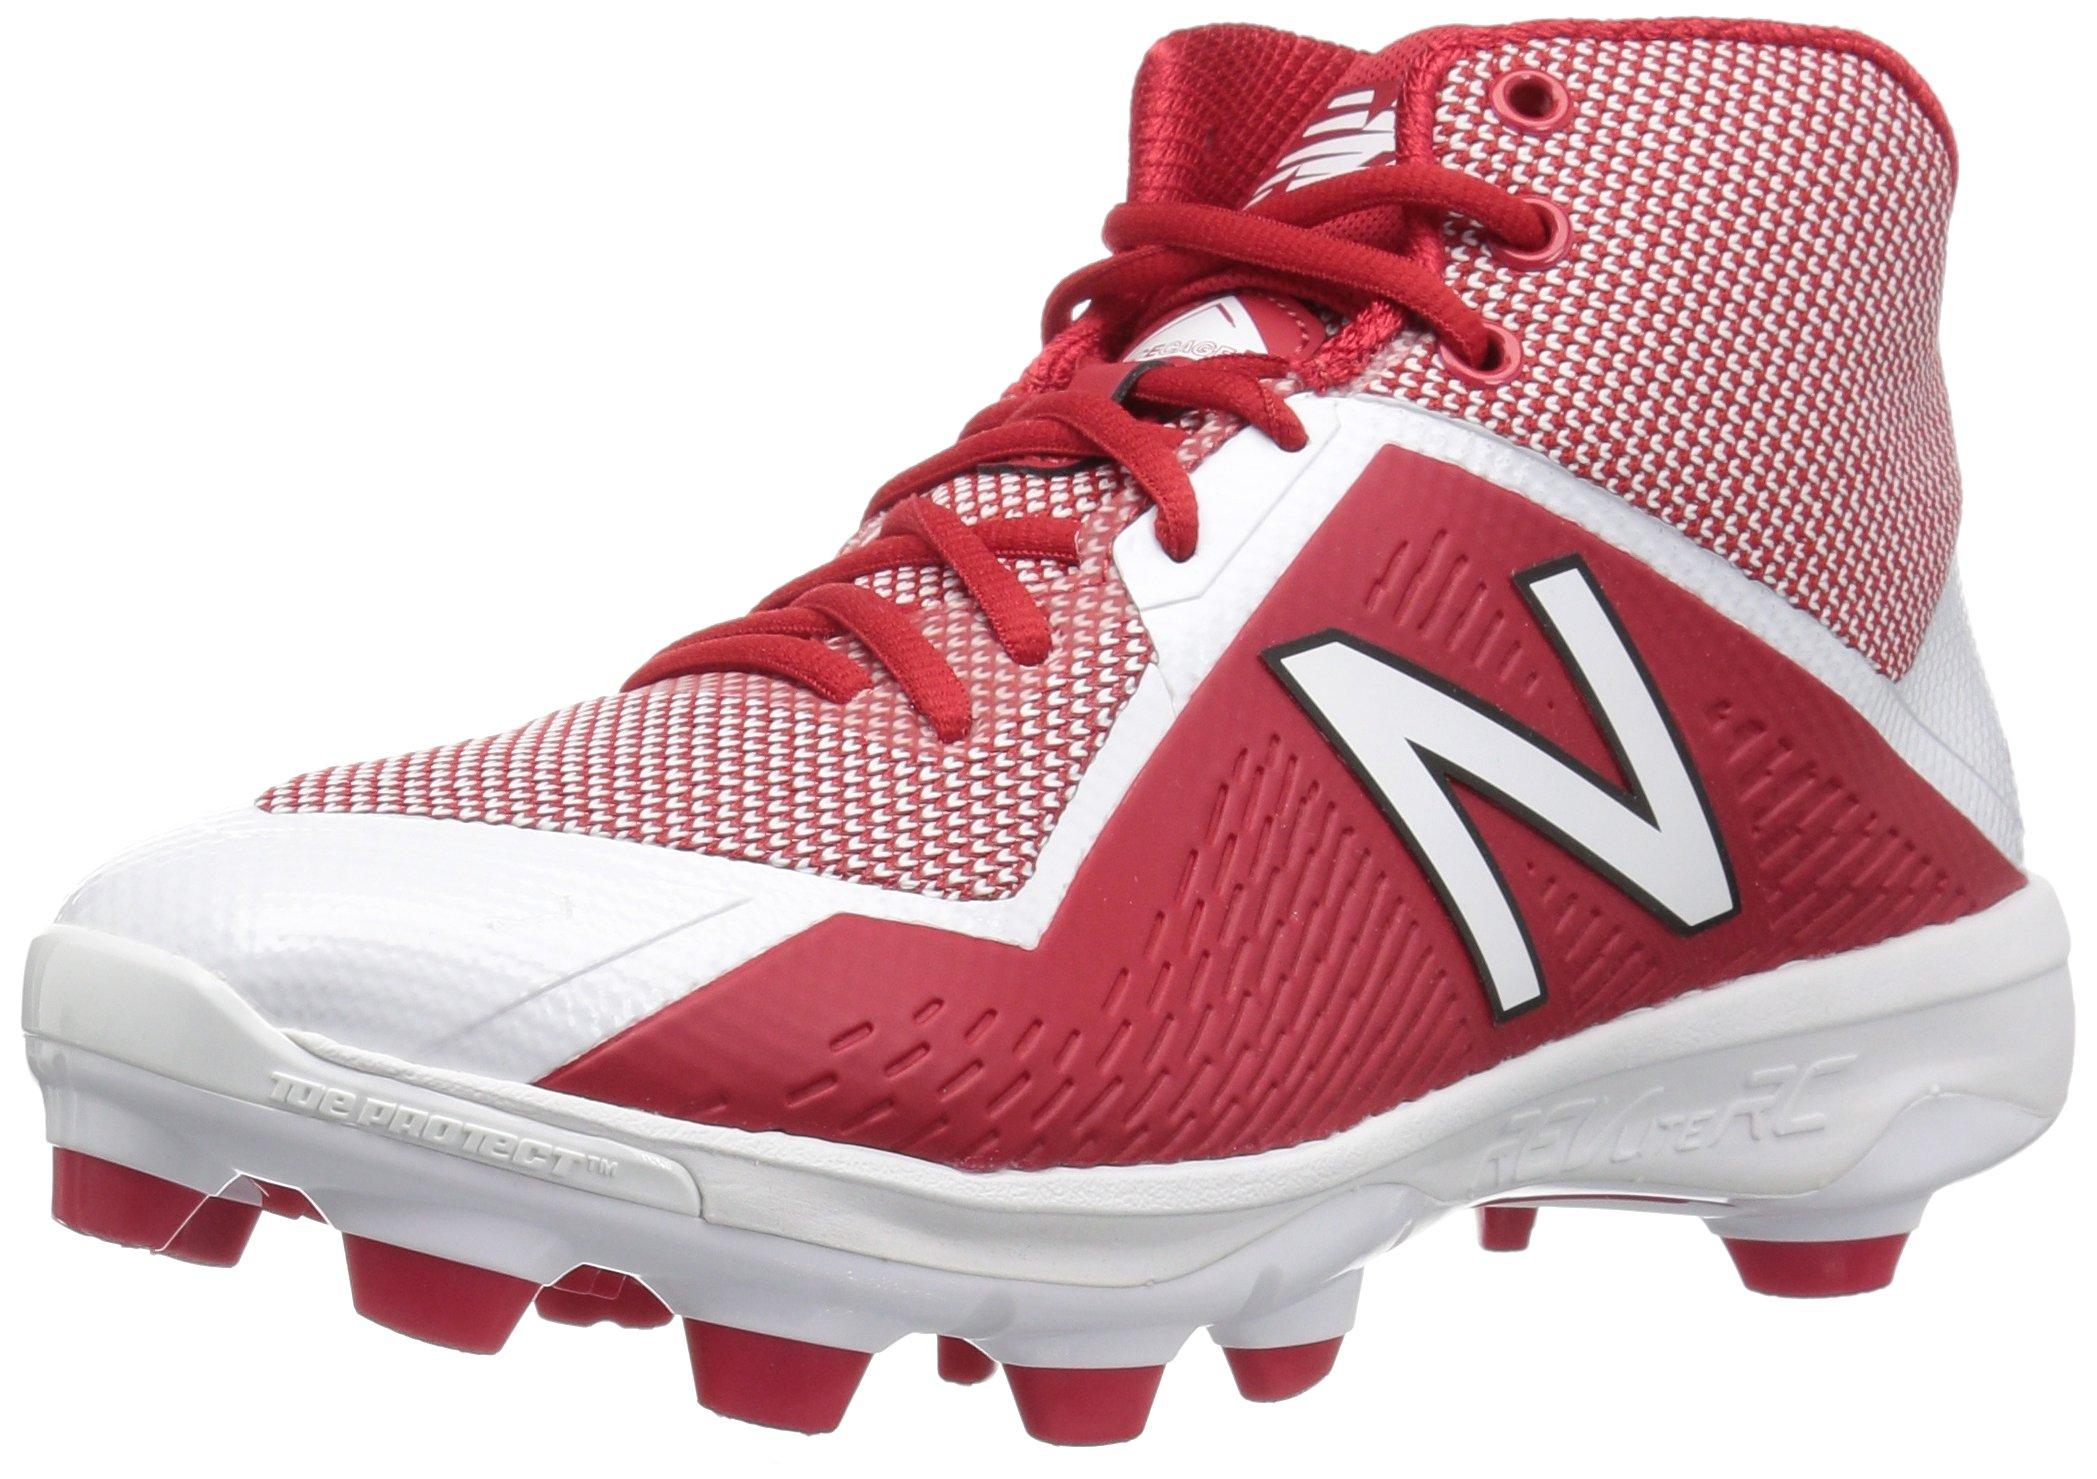 PM4040v4 Molded Baseball Shoe